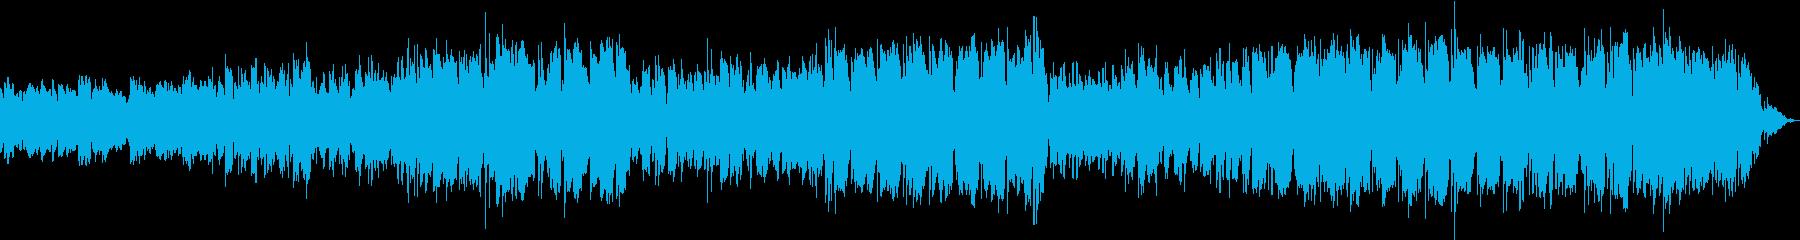 エレクトロな音色がリモートワークに最適の再生済みの波形